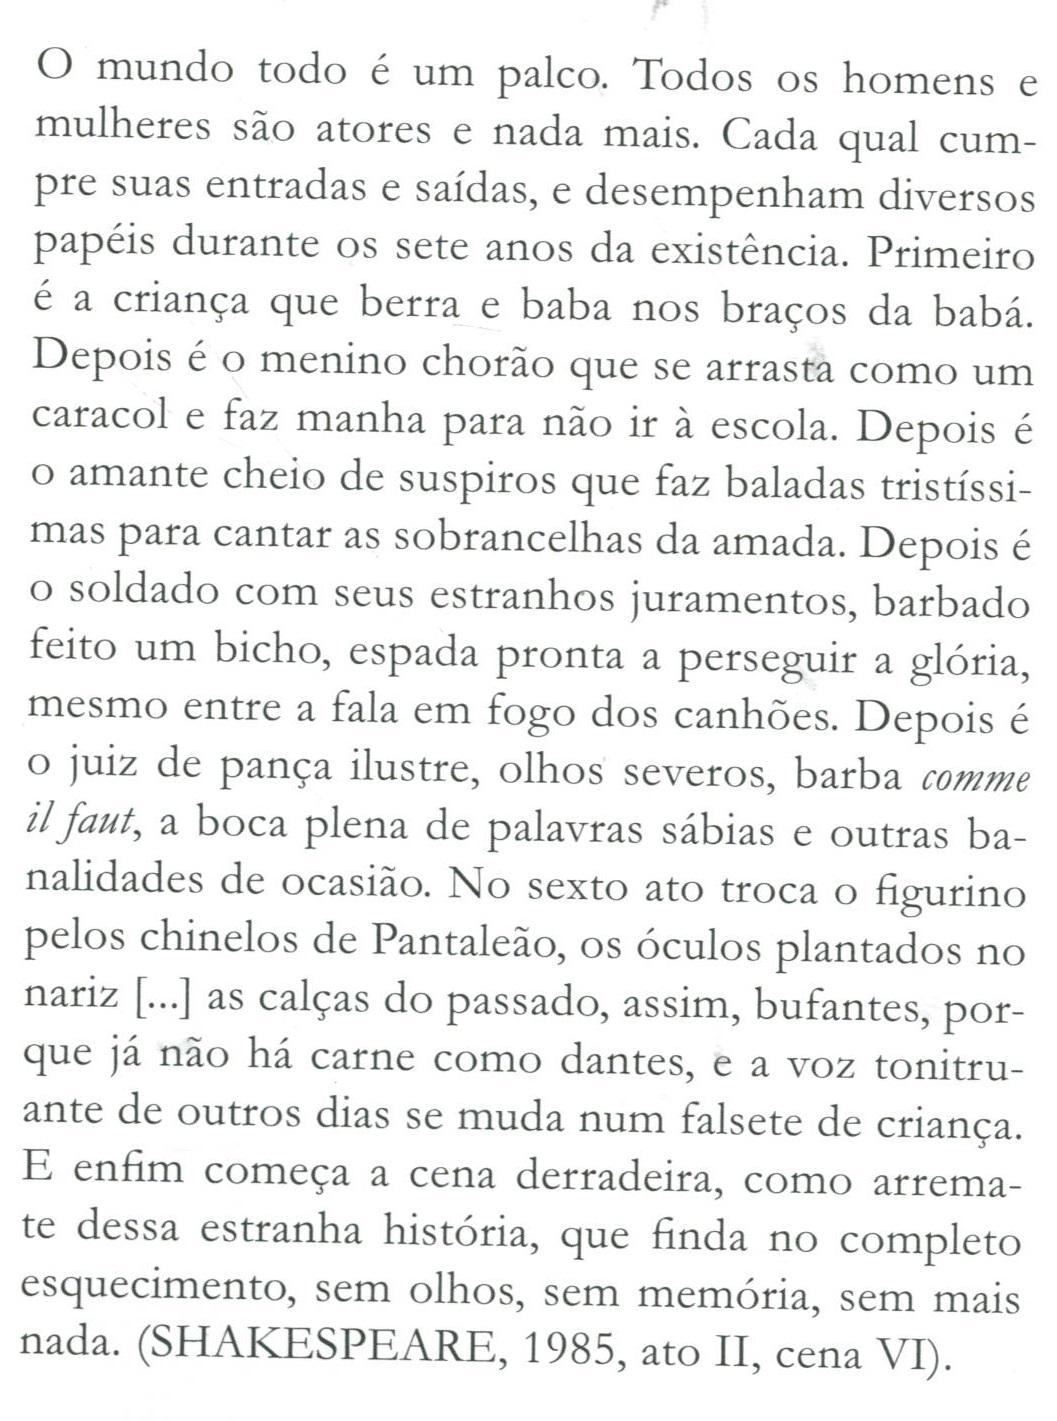 Poema_de_Shakespeare